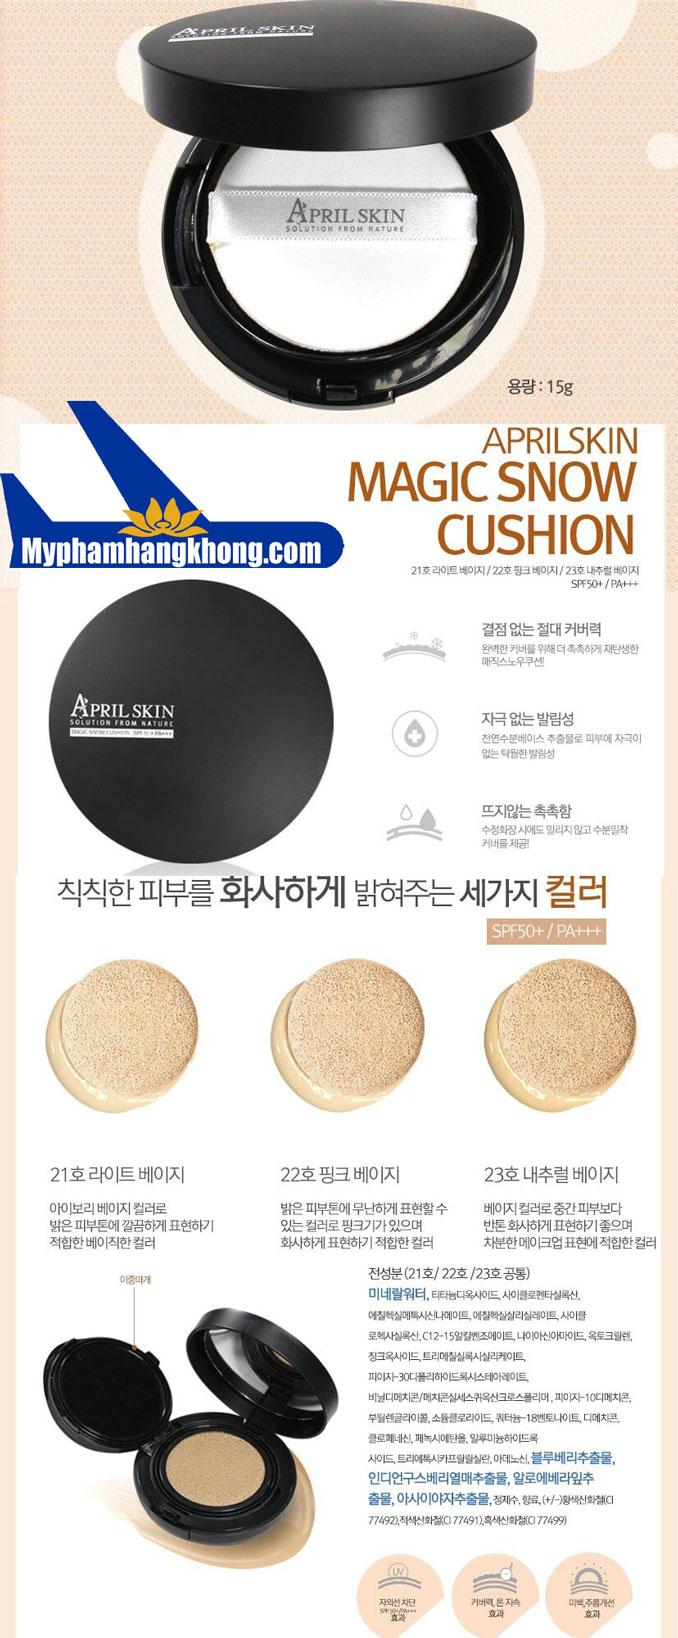 phan-nuoc-than-thanh-april-skin-magic-snow-cushion-den-3